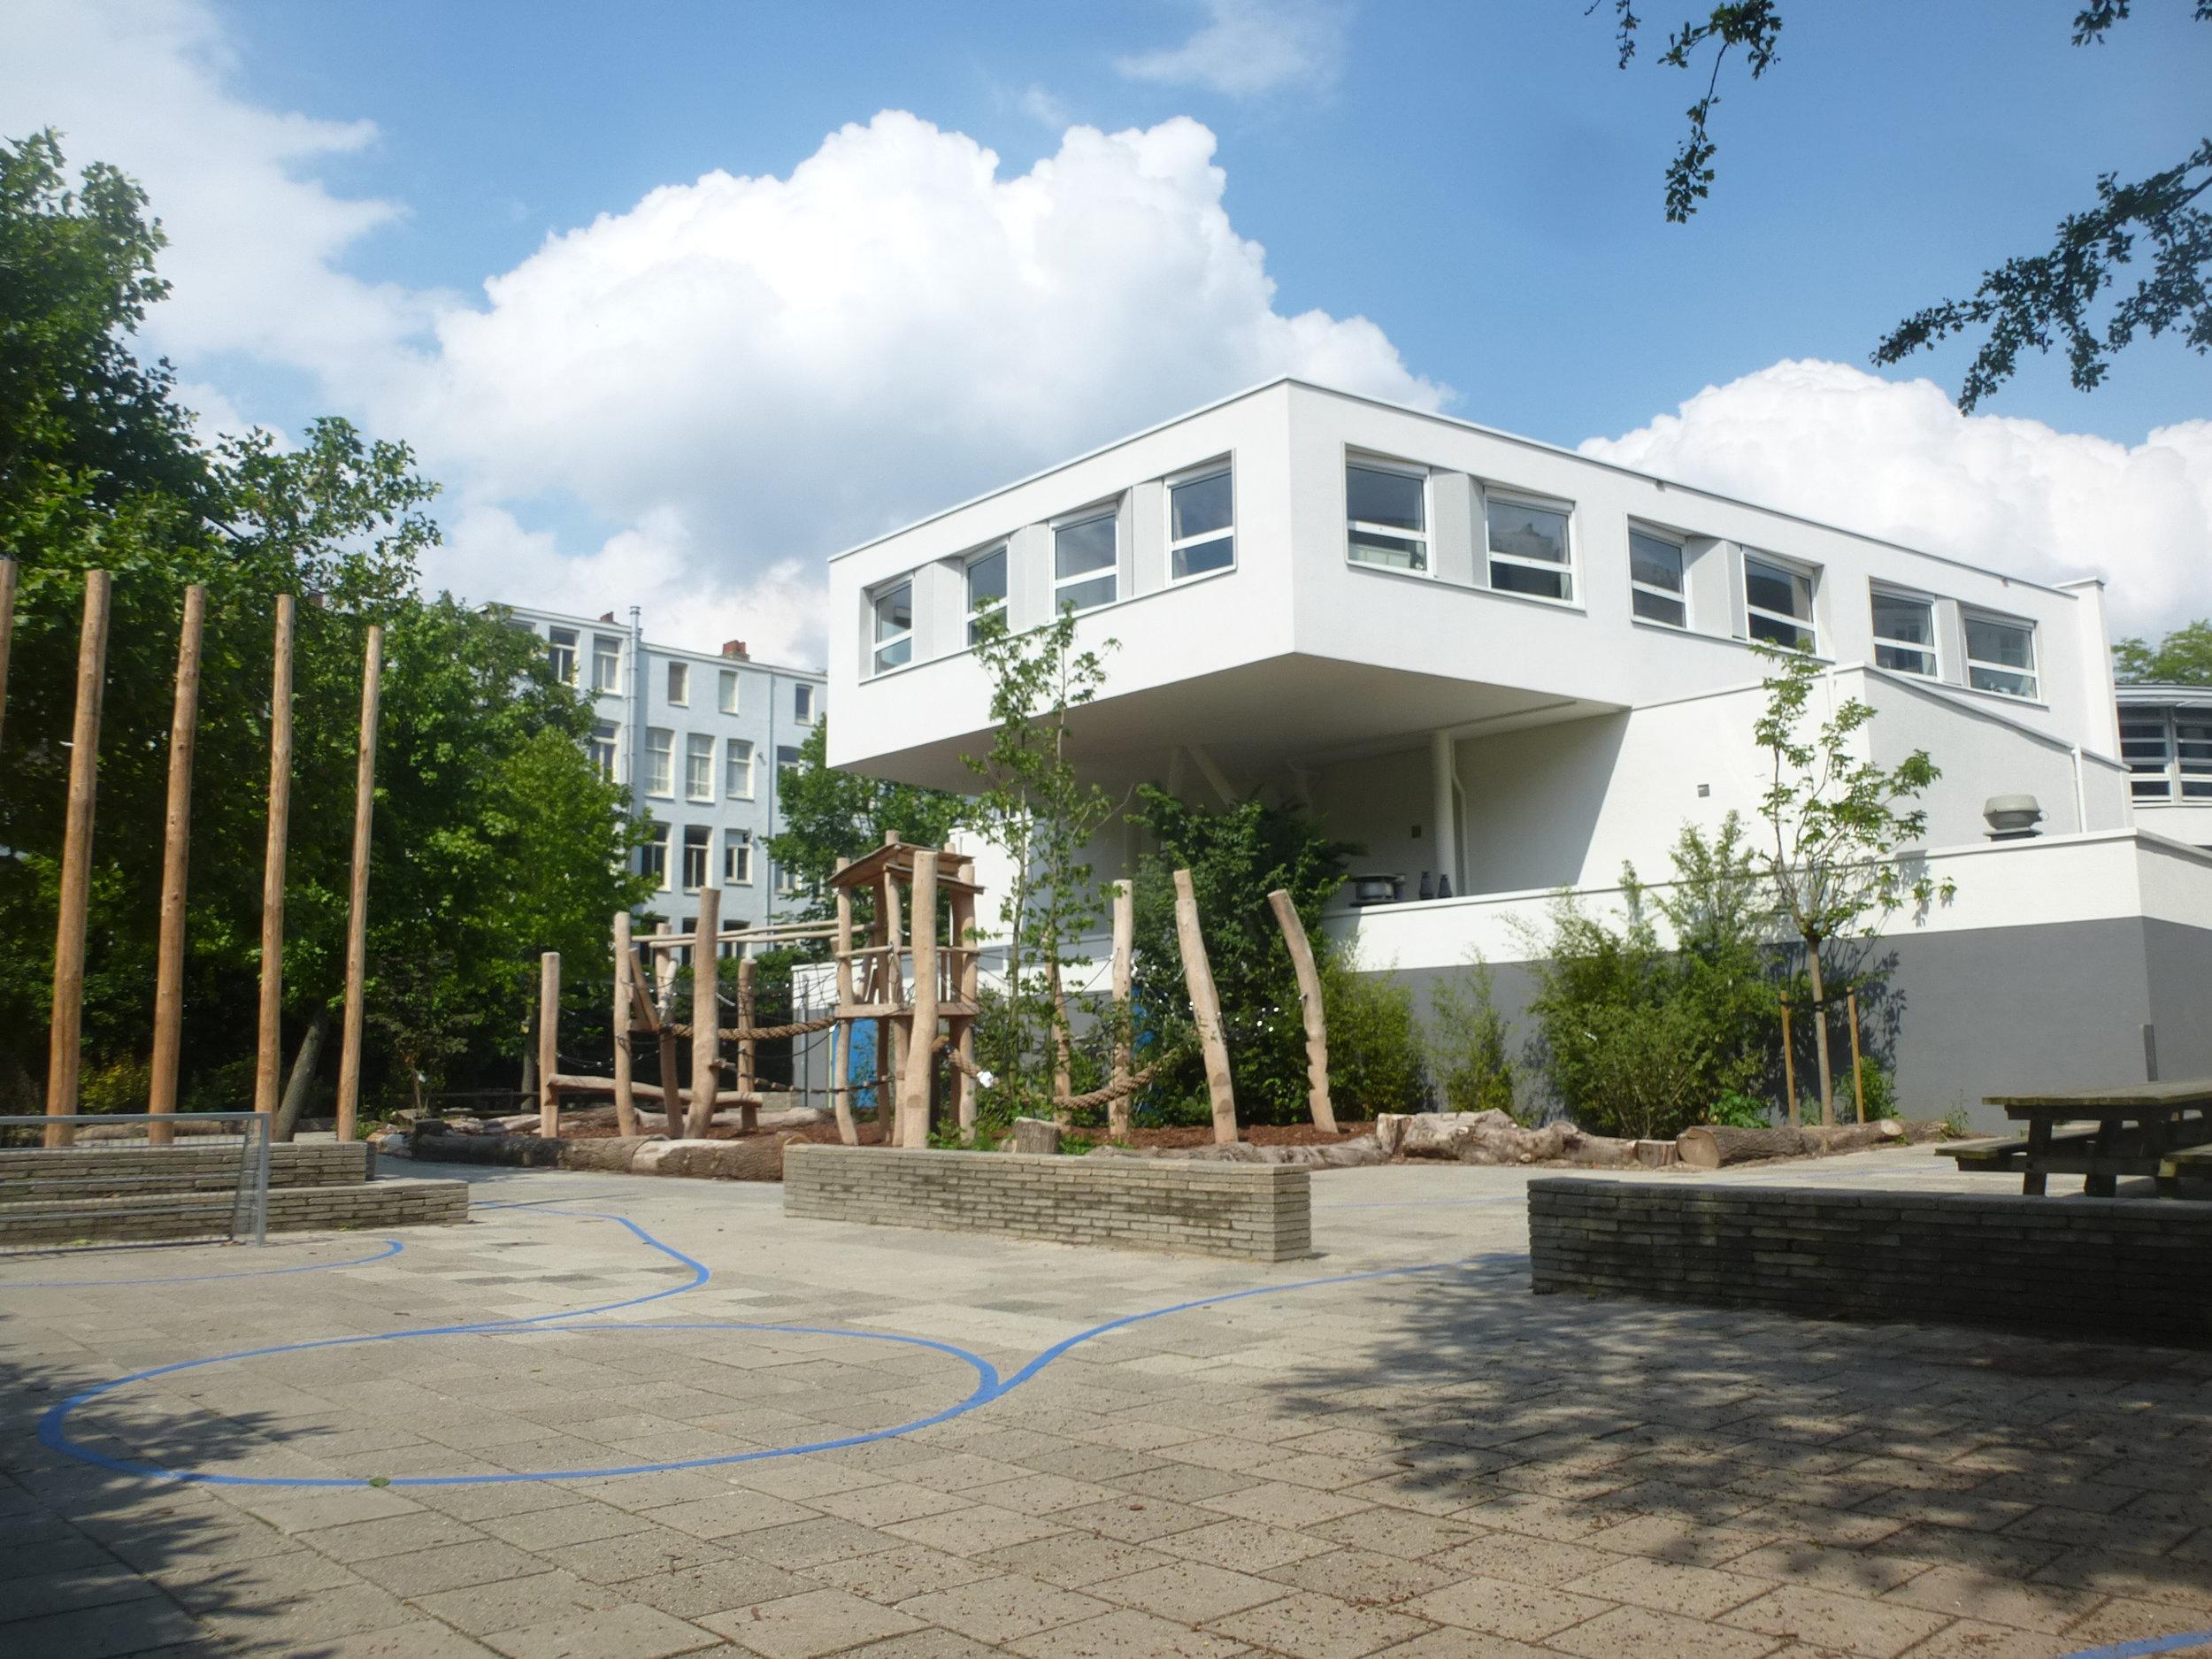 Boekmanschool opbouw.JPG